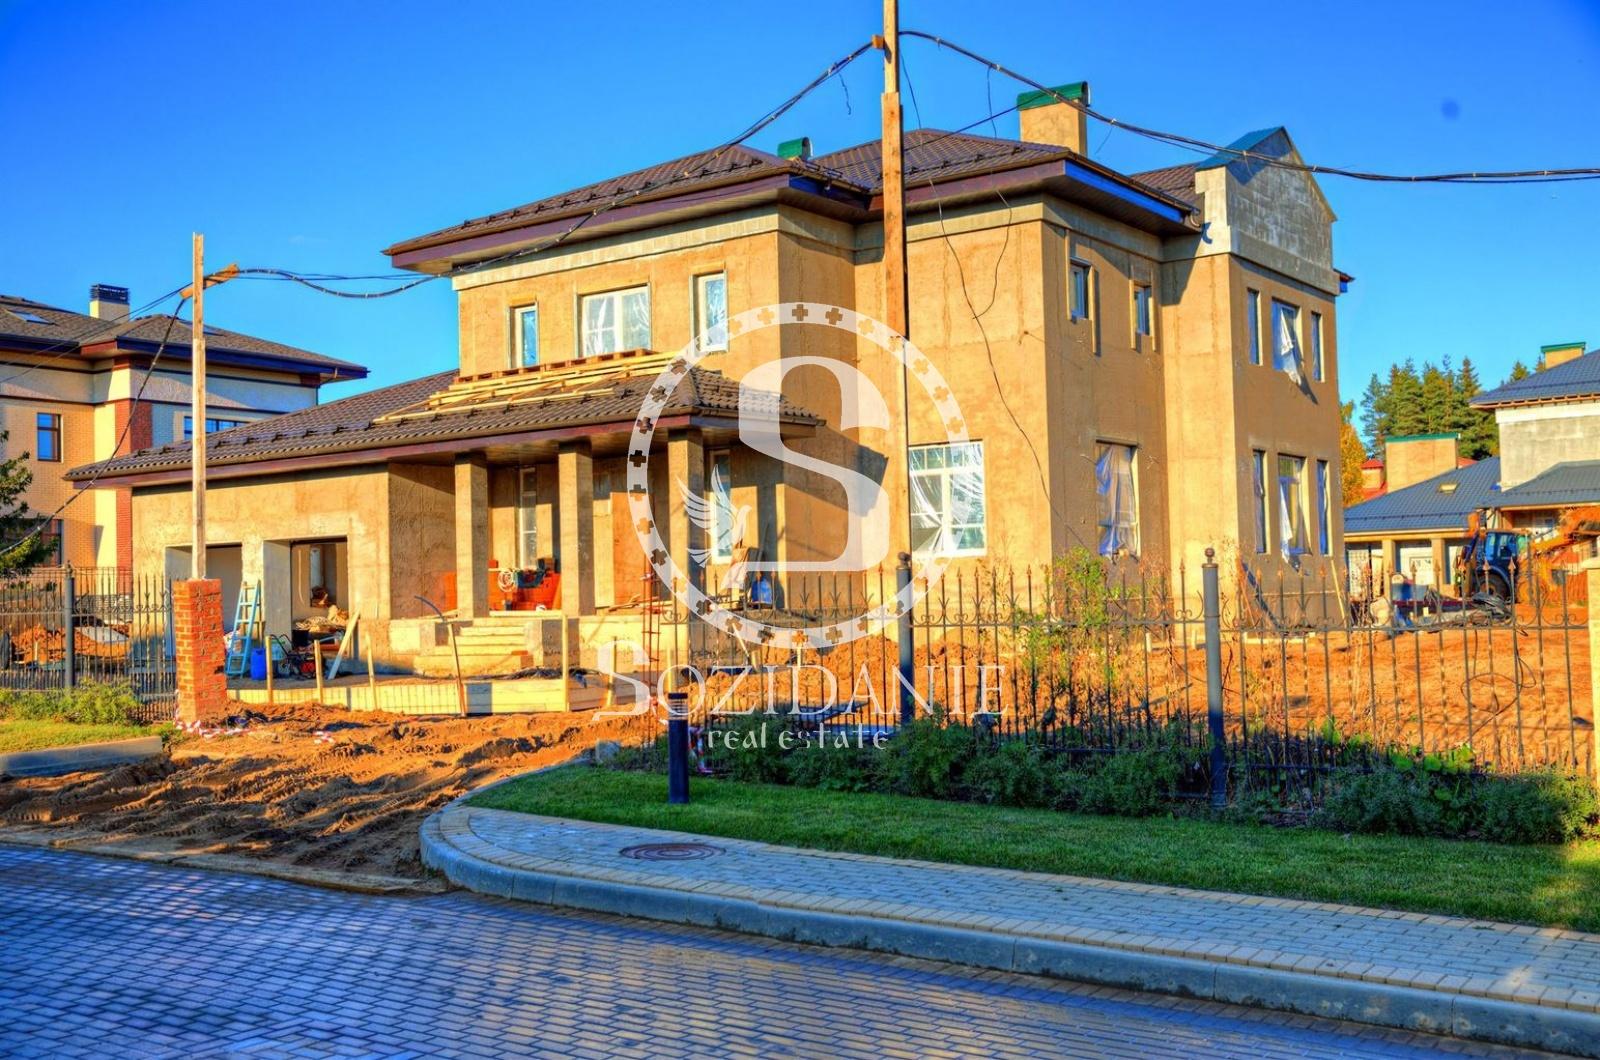 3 Bedrooms, Загородная, Продажа, Listing ID 1522, Московская область, Россия,